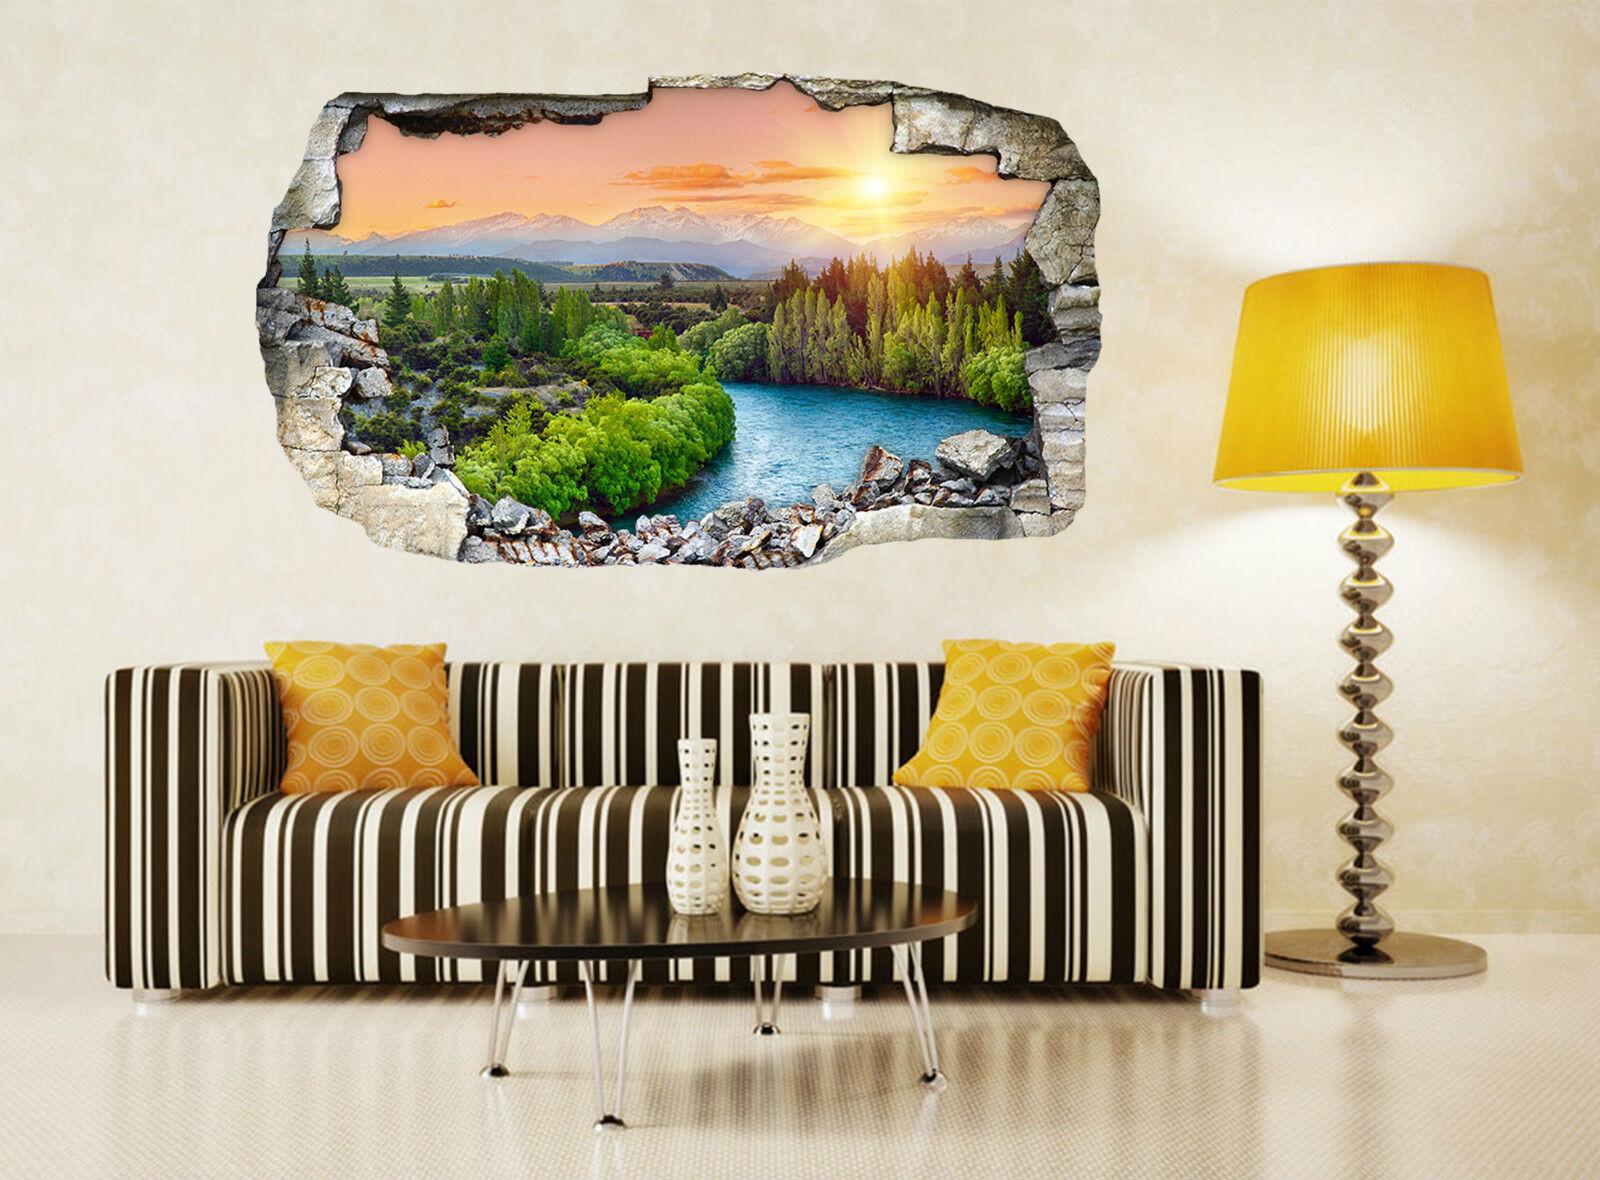 3D Waldfluß 523 Mauer Murals Aufklebe Decal Durchbruch AJ WALLPAPER DE Lemon